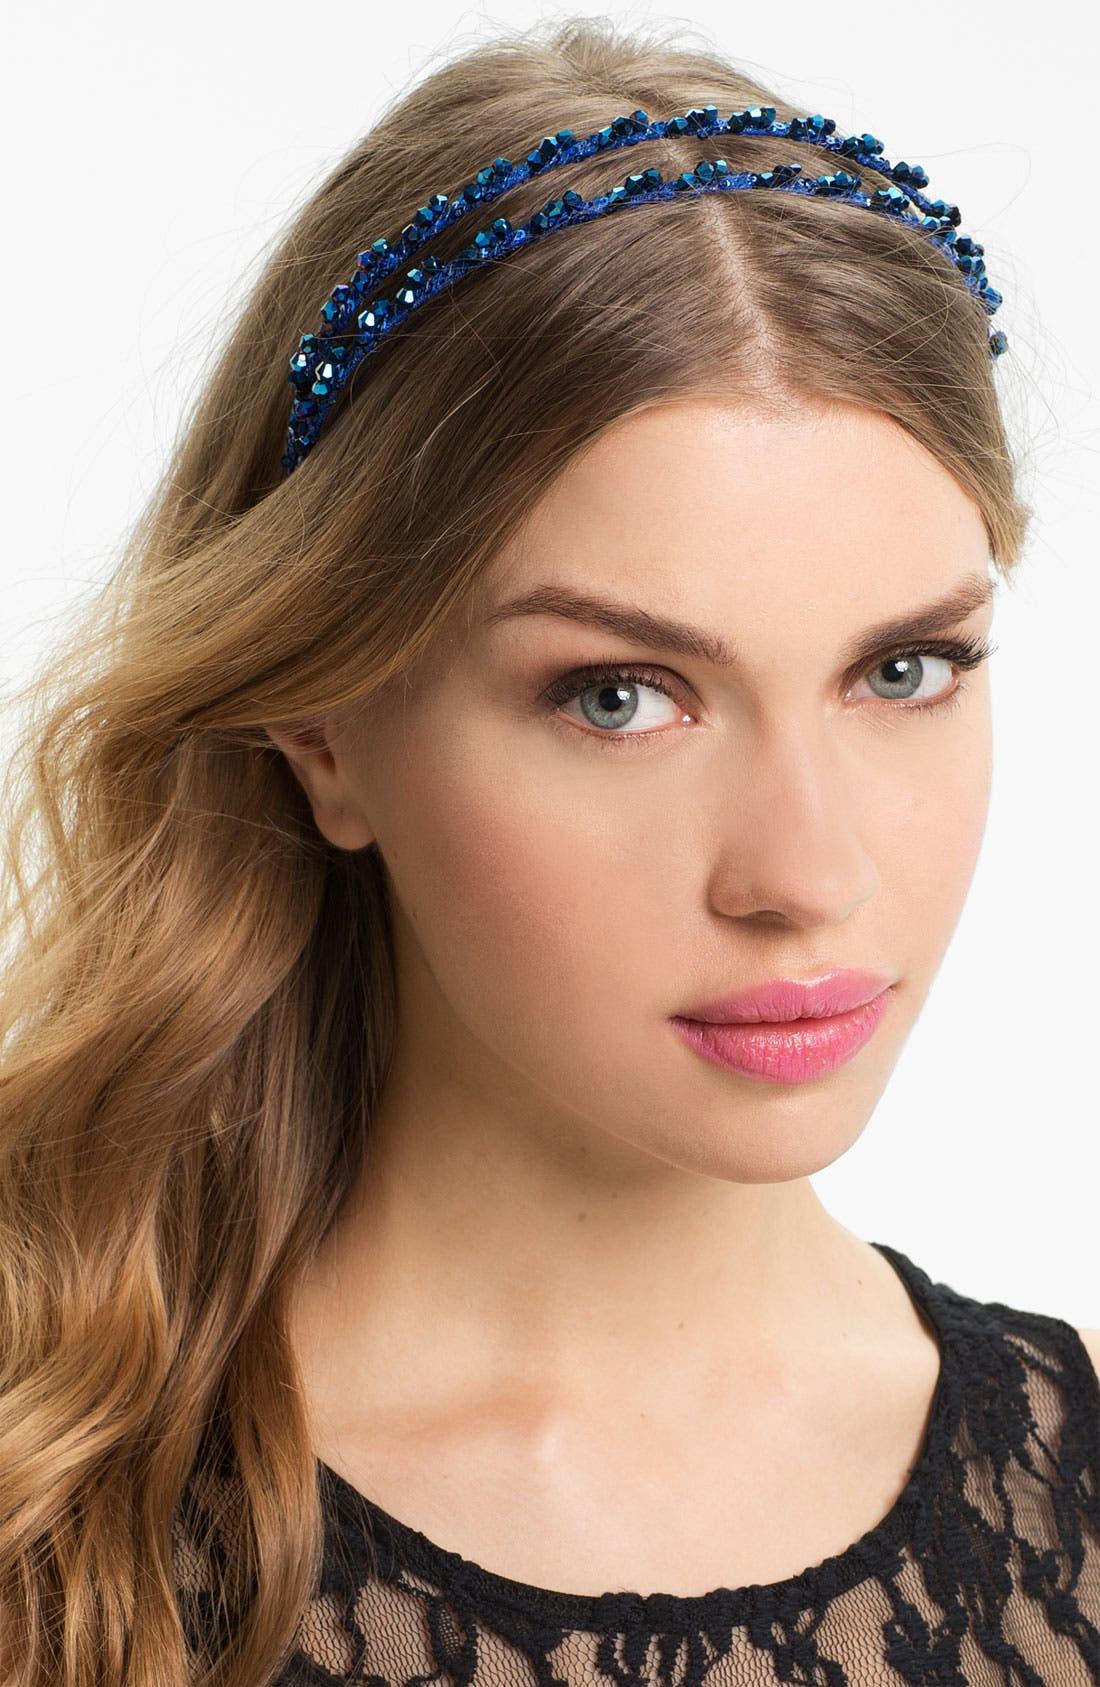 Main Image - Tasha 'Double Trouble' Headband